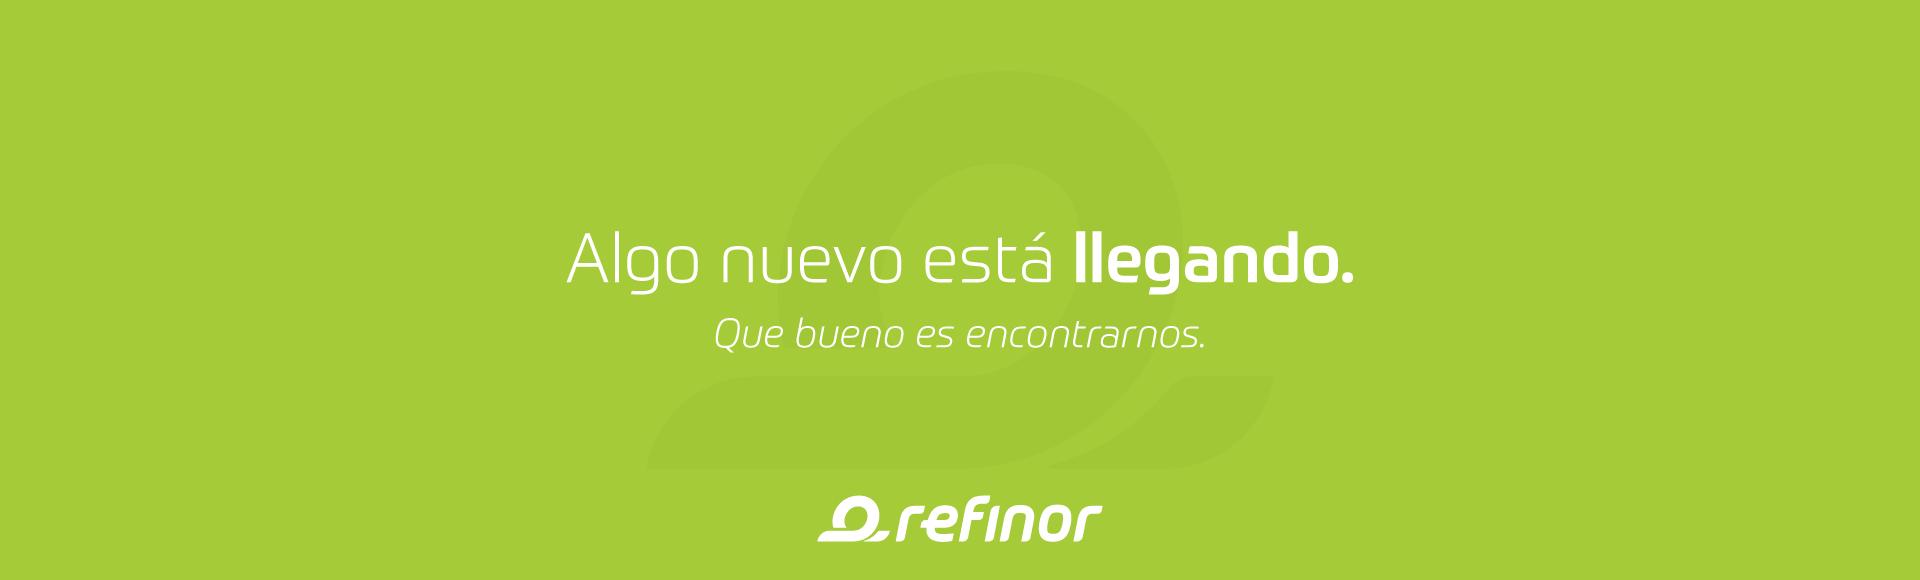 Refinor, S.A.